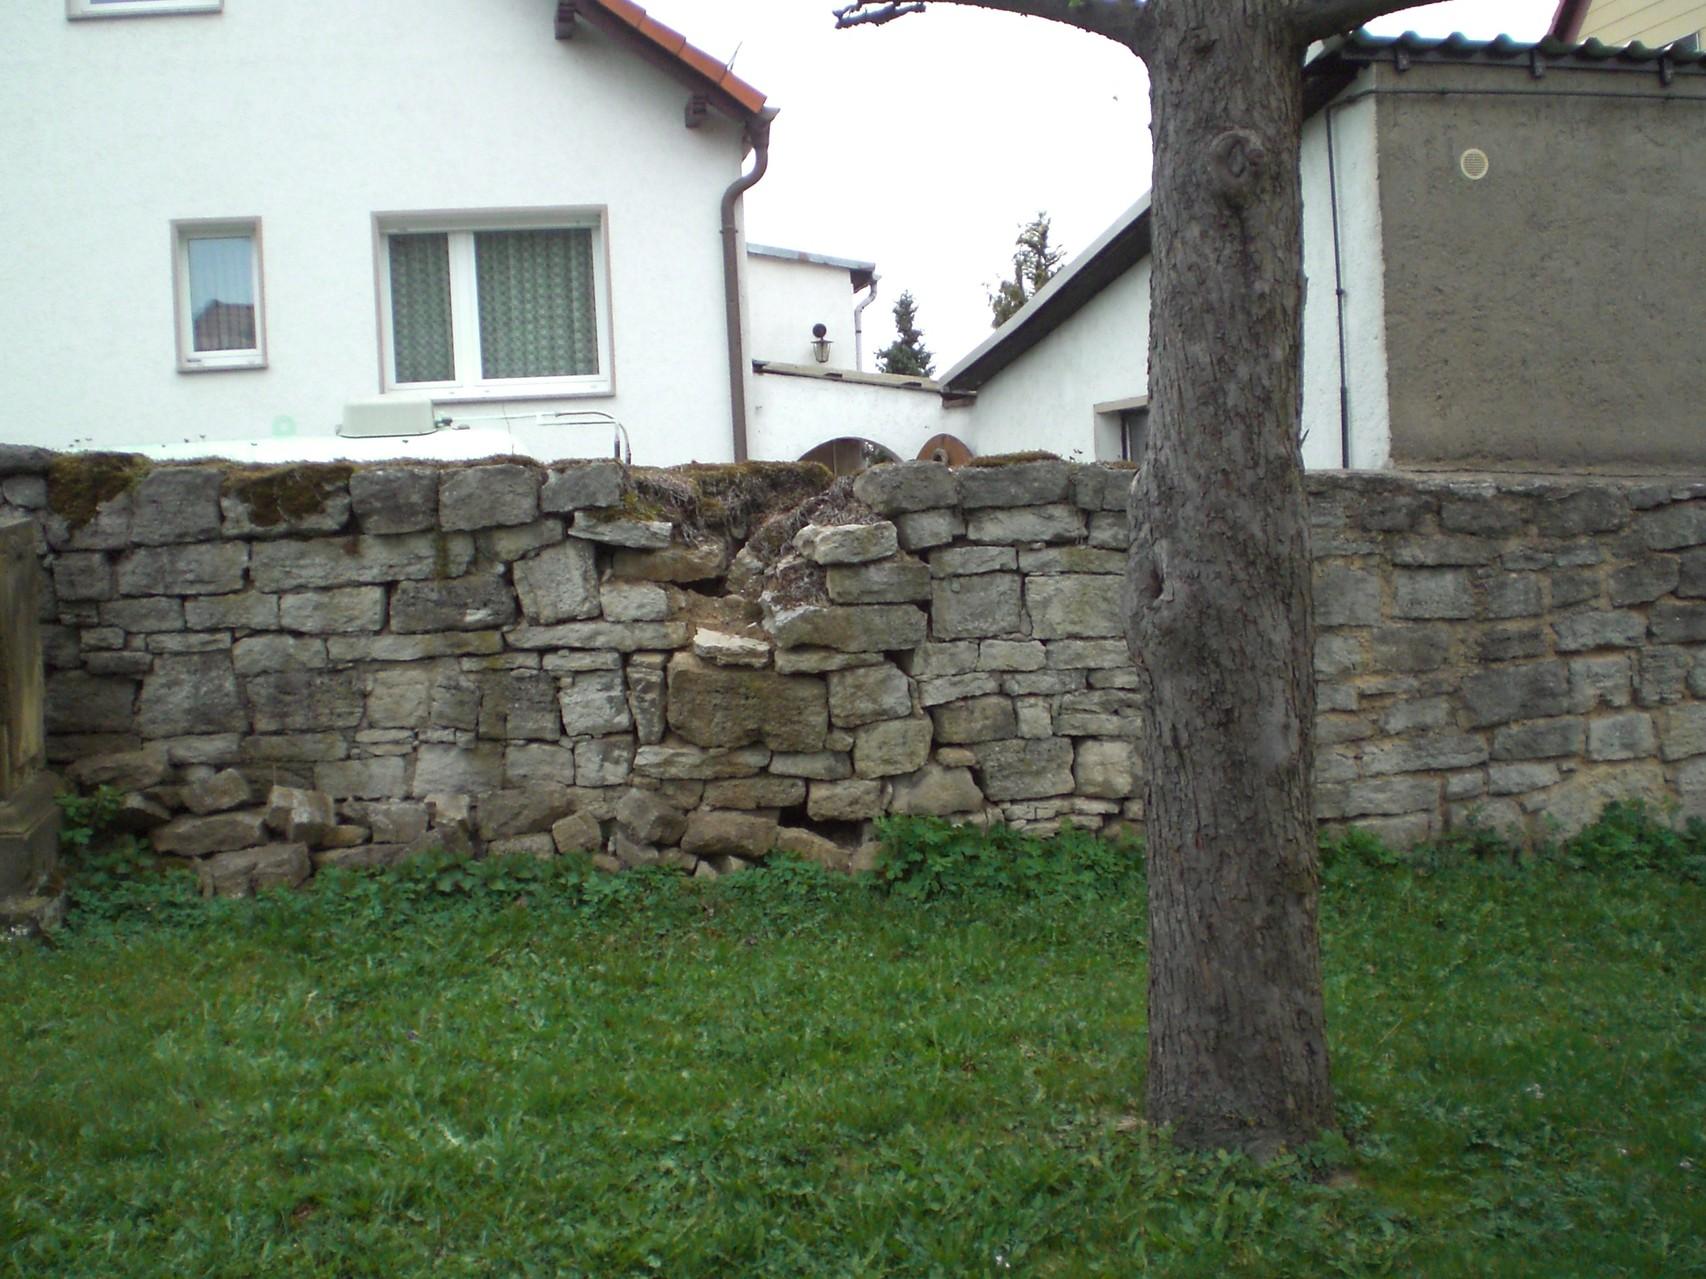 Mauereinbruch direkt gegenüber dem vorigen Riss.